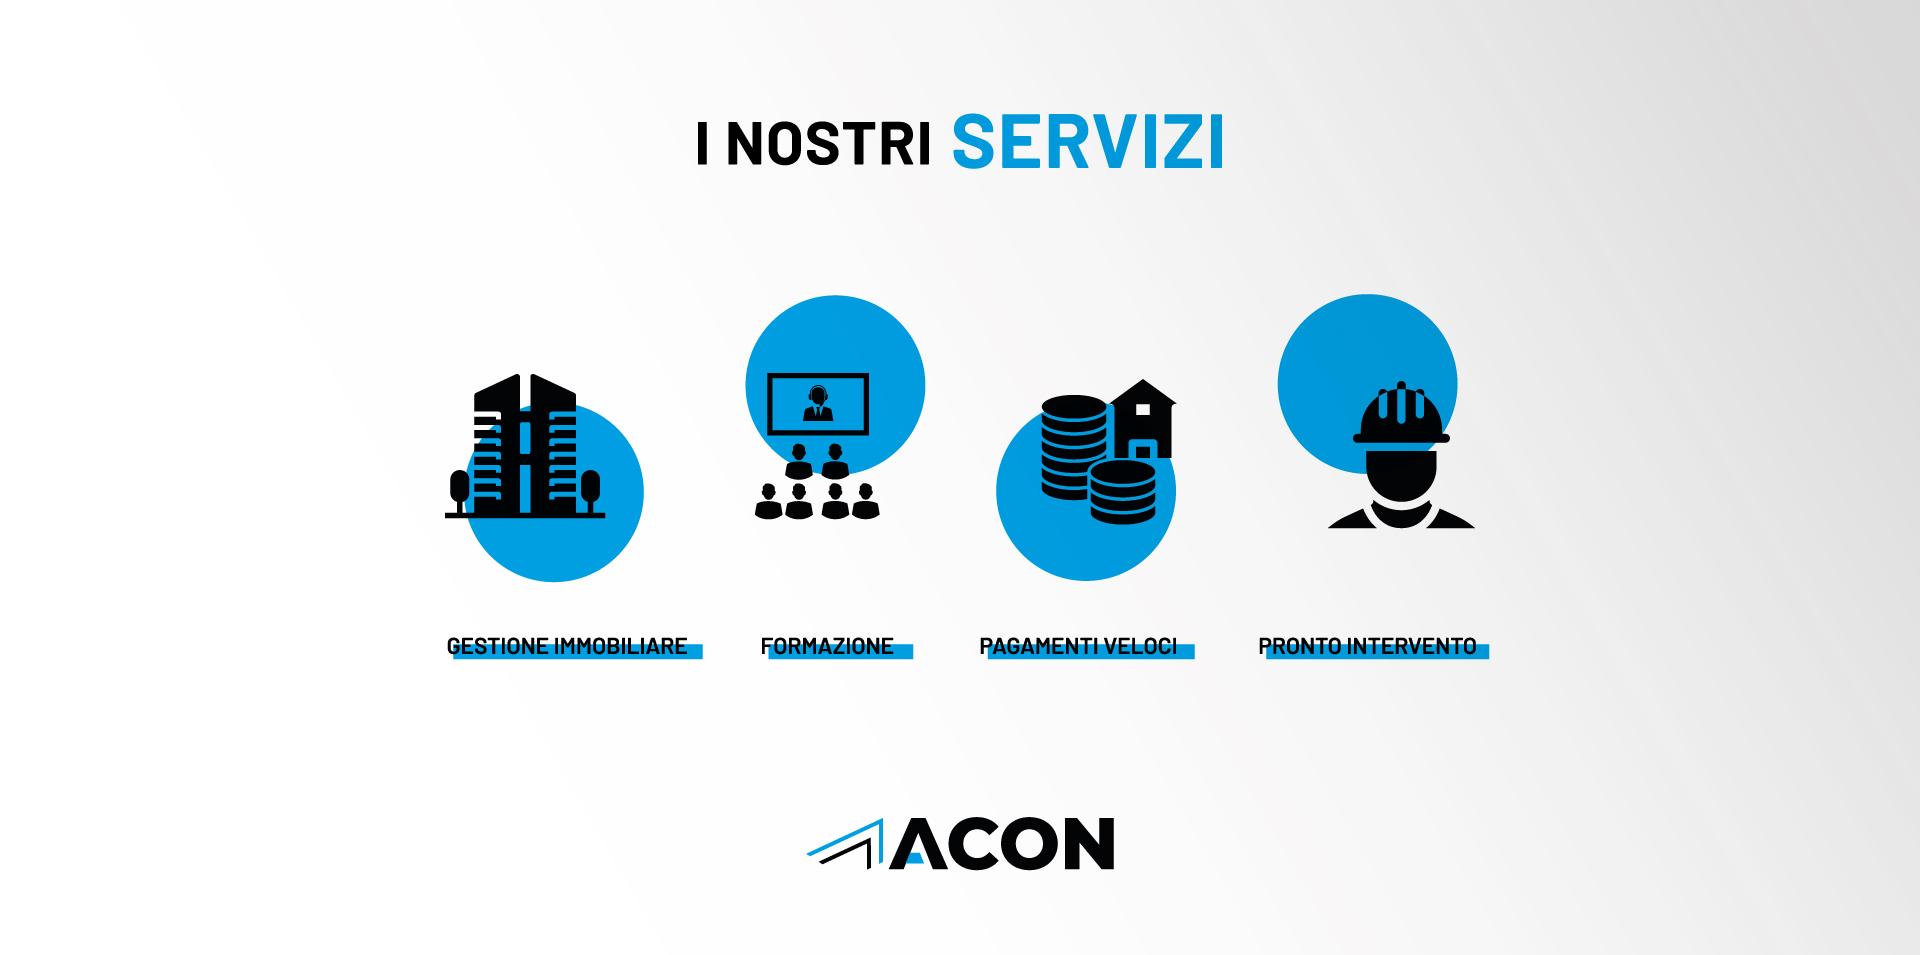 Grafiche-Acon pressh24